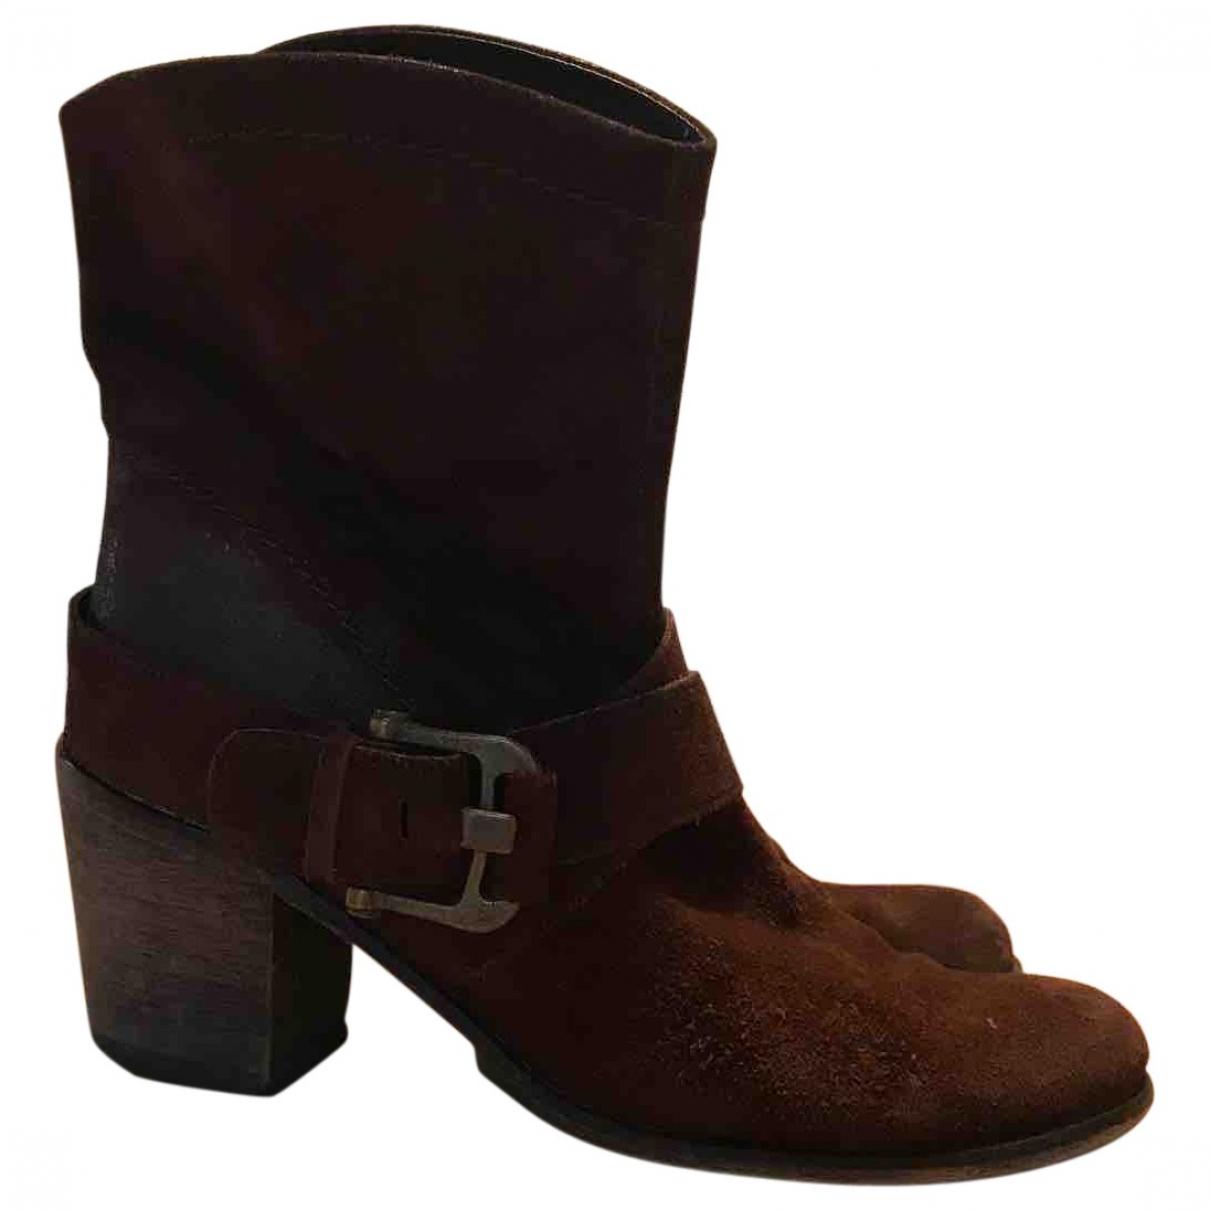 Adolfo Dominguez - Boots   pour femme en suede - marron